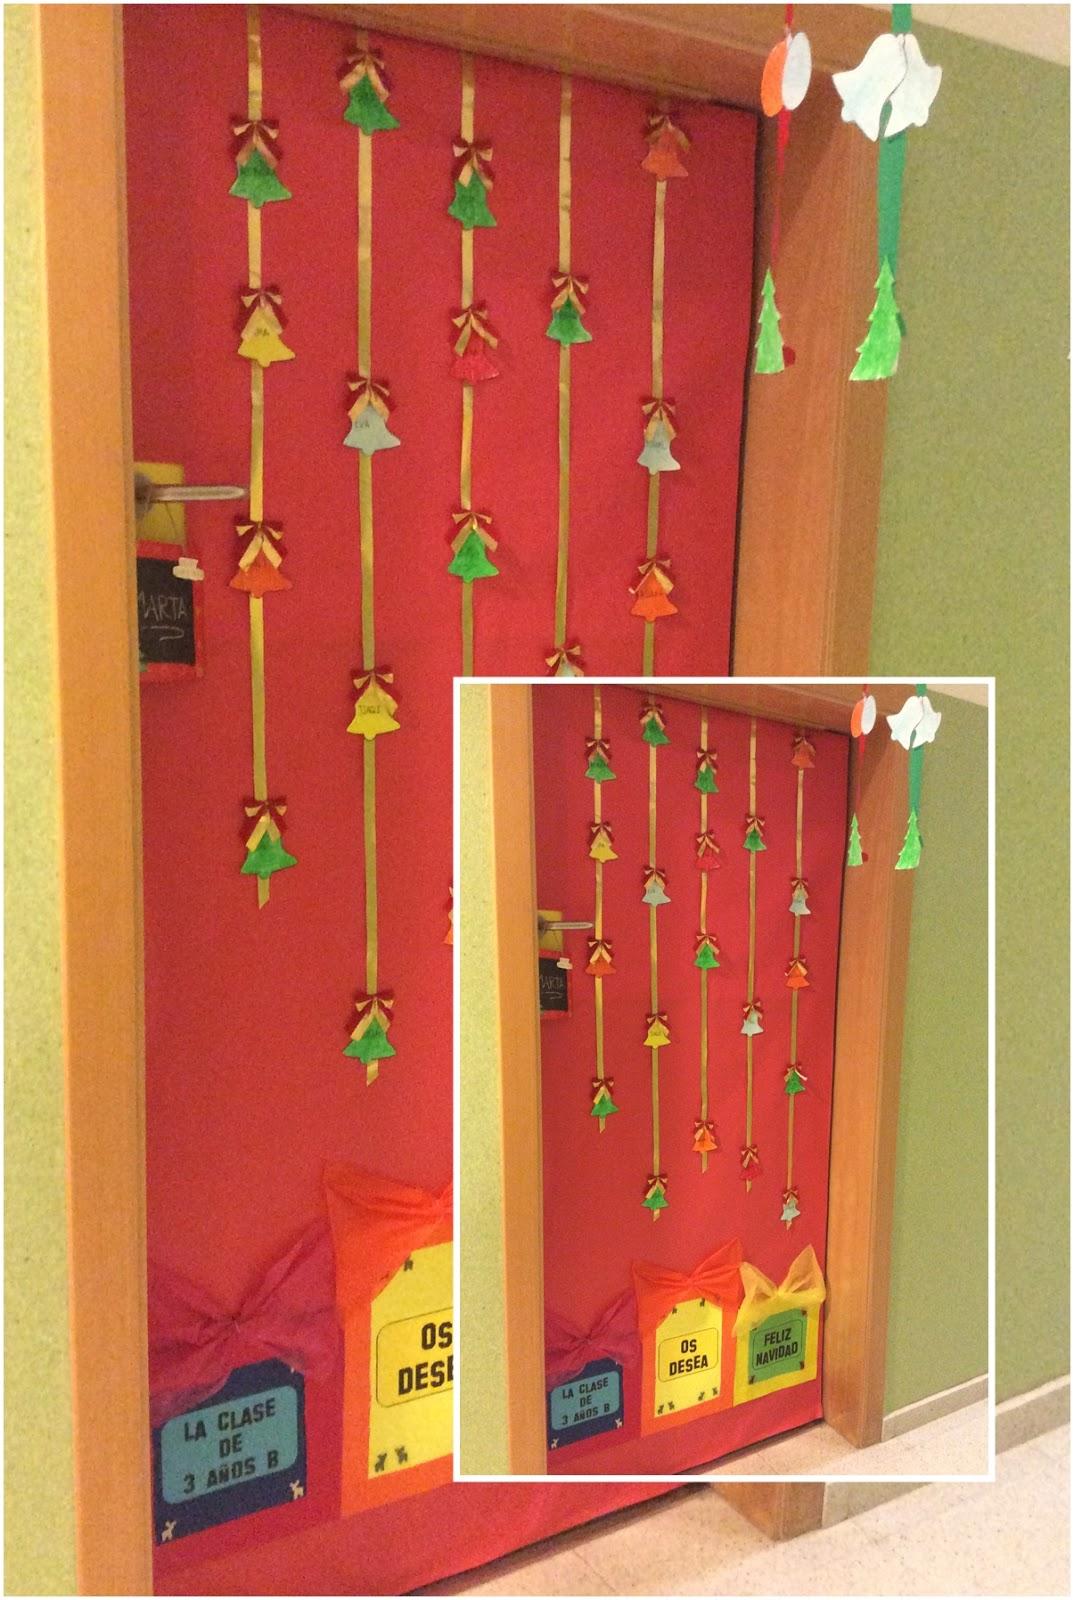 C e i p ntra sra natividad decoraci n de puertas for Decoracion puerta aula infantil